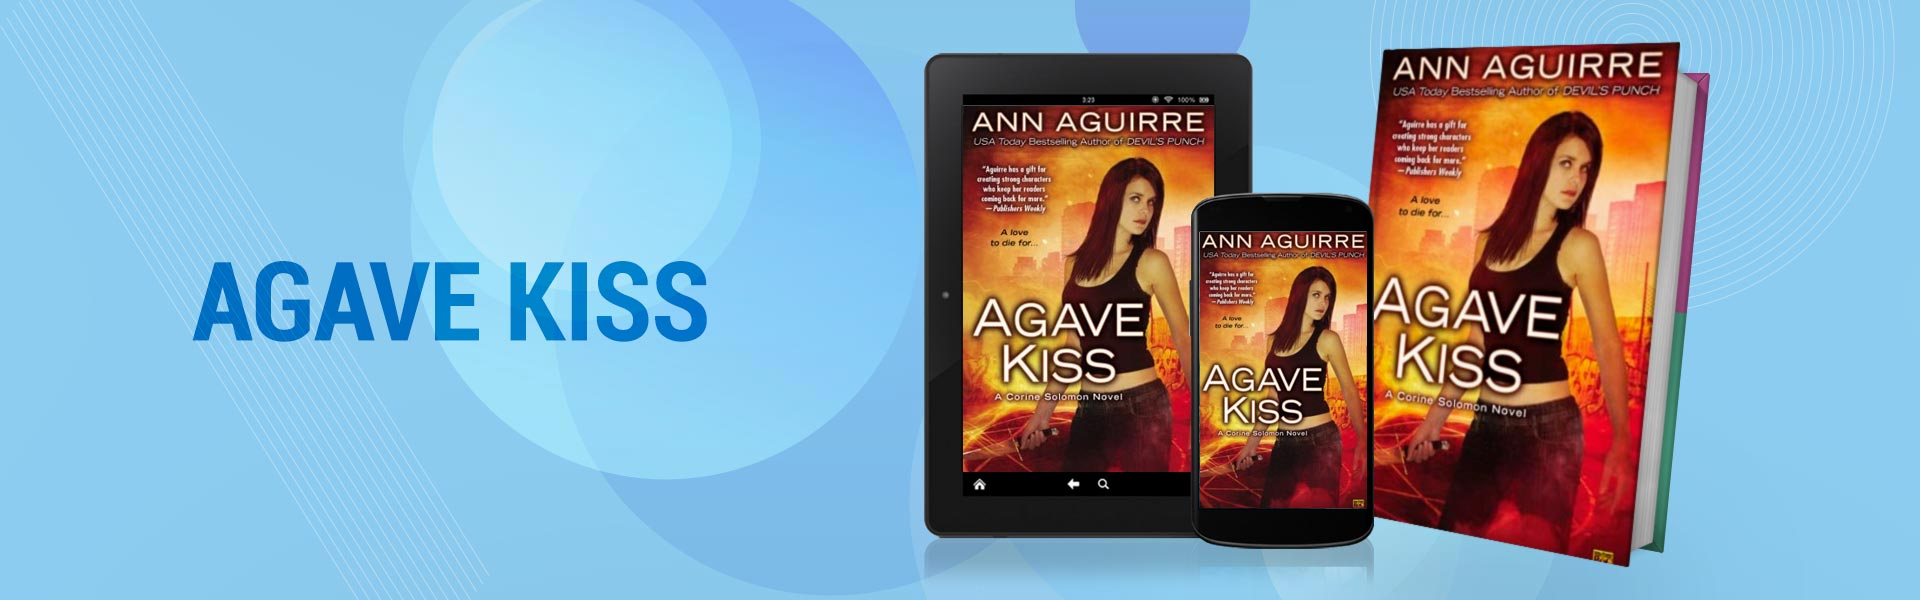 AGAVE-KISS